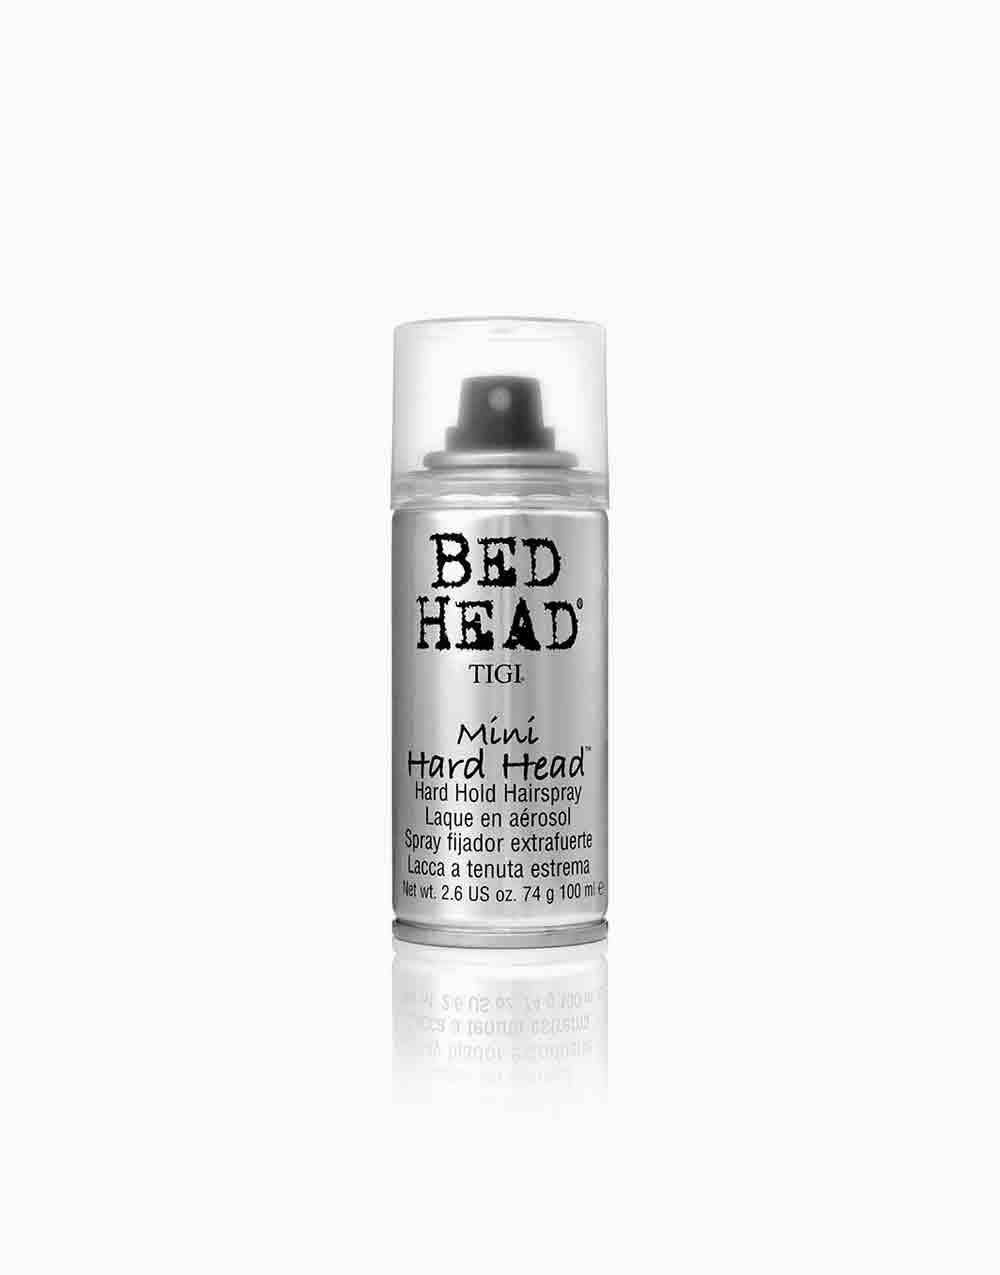 Mini Hard Head (101ml) by Bed Head/TIGI